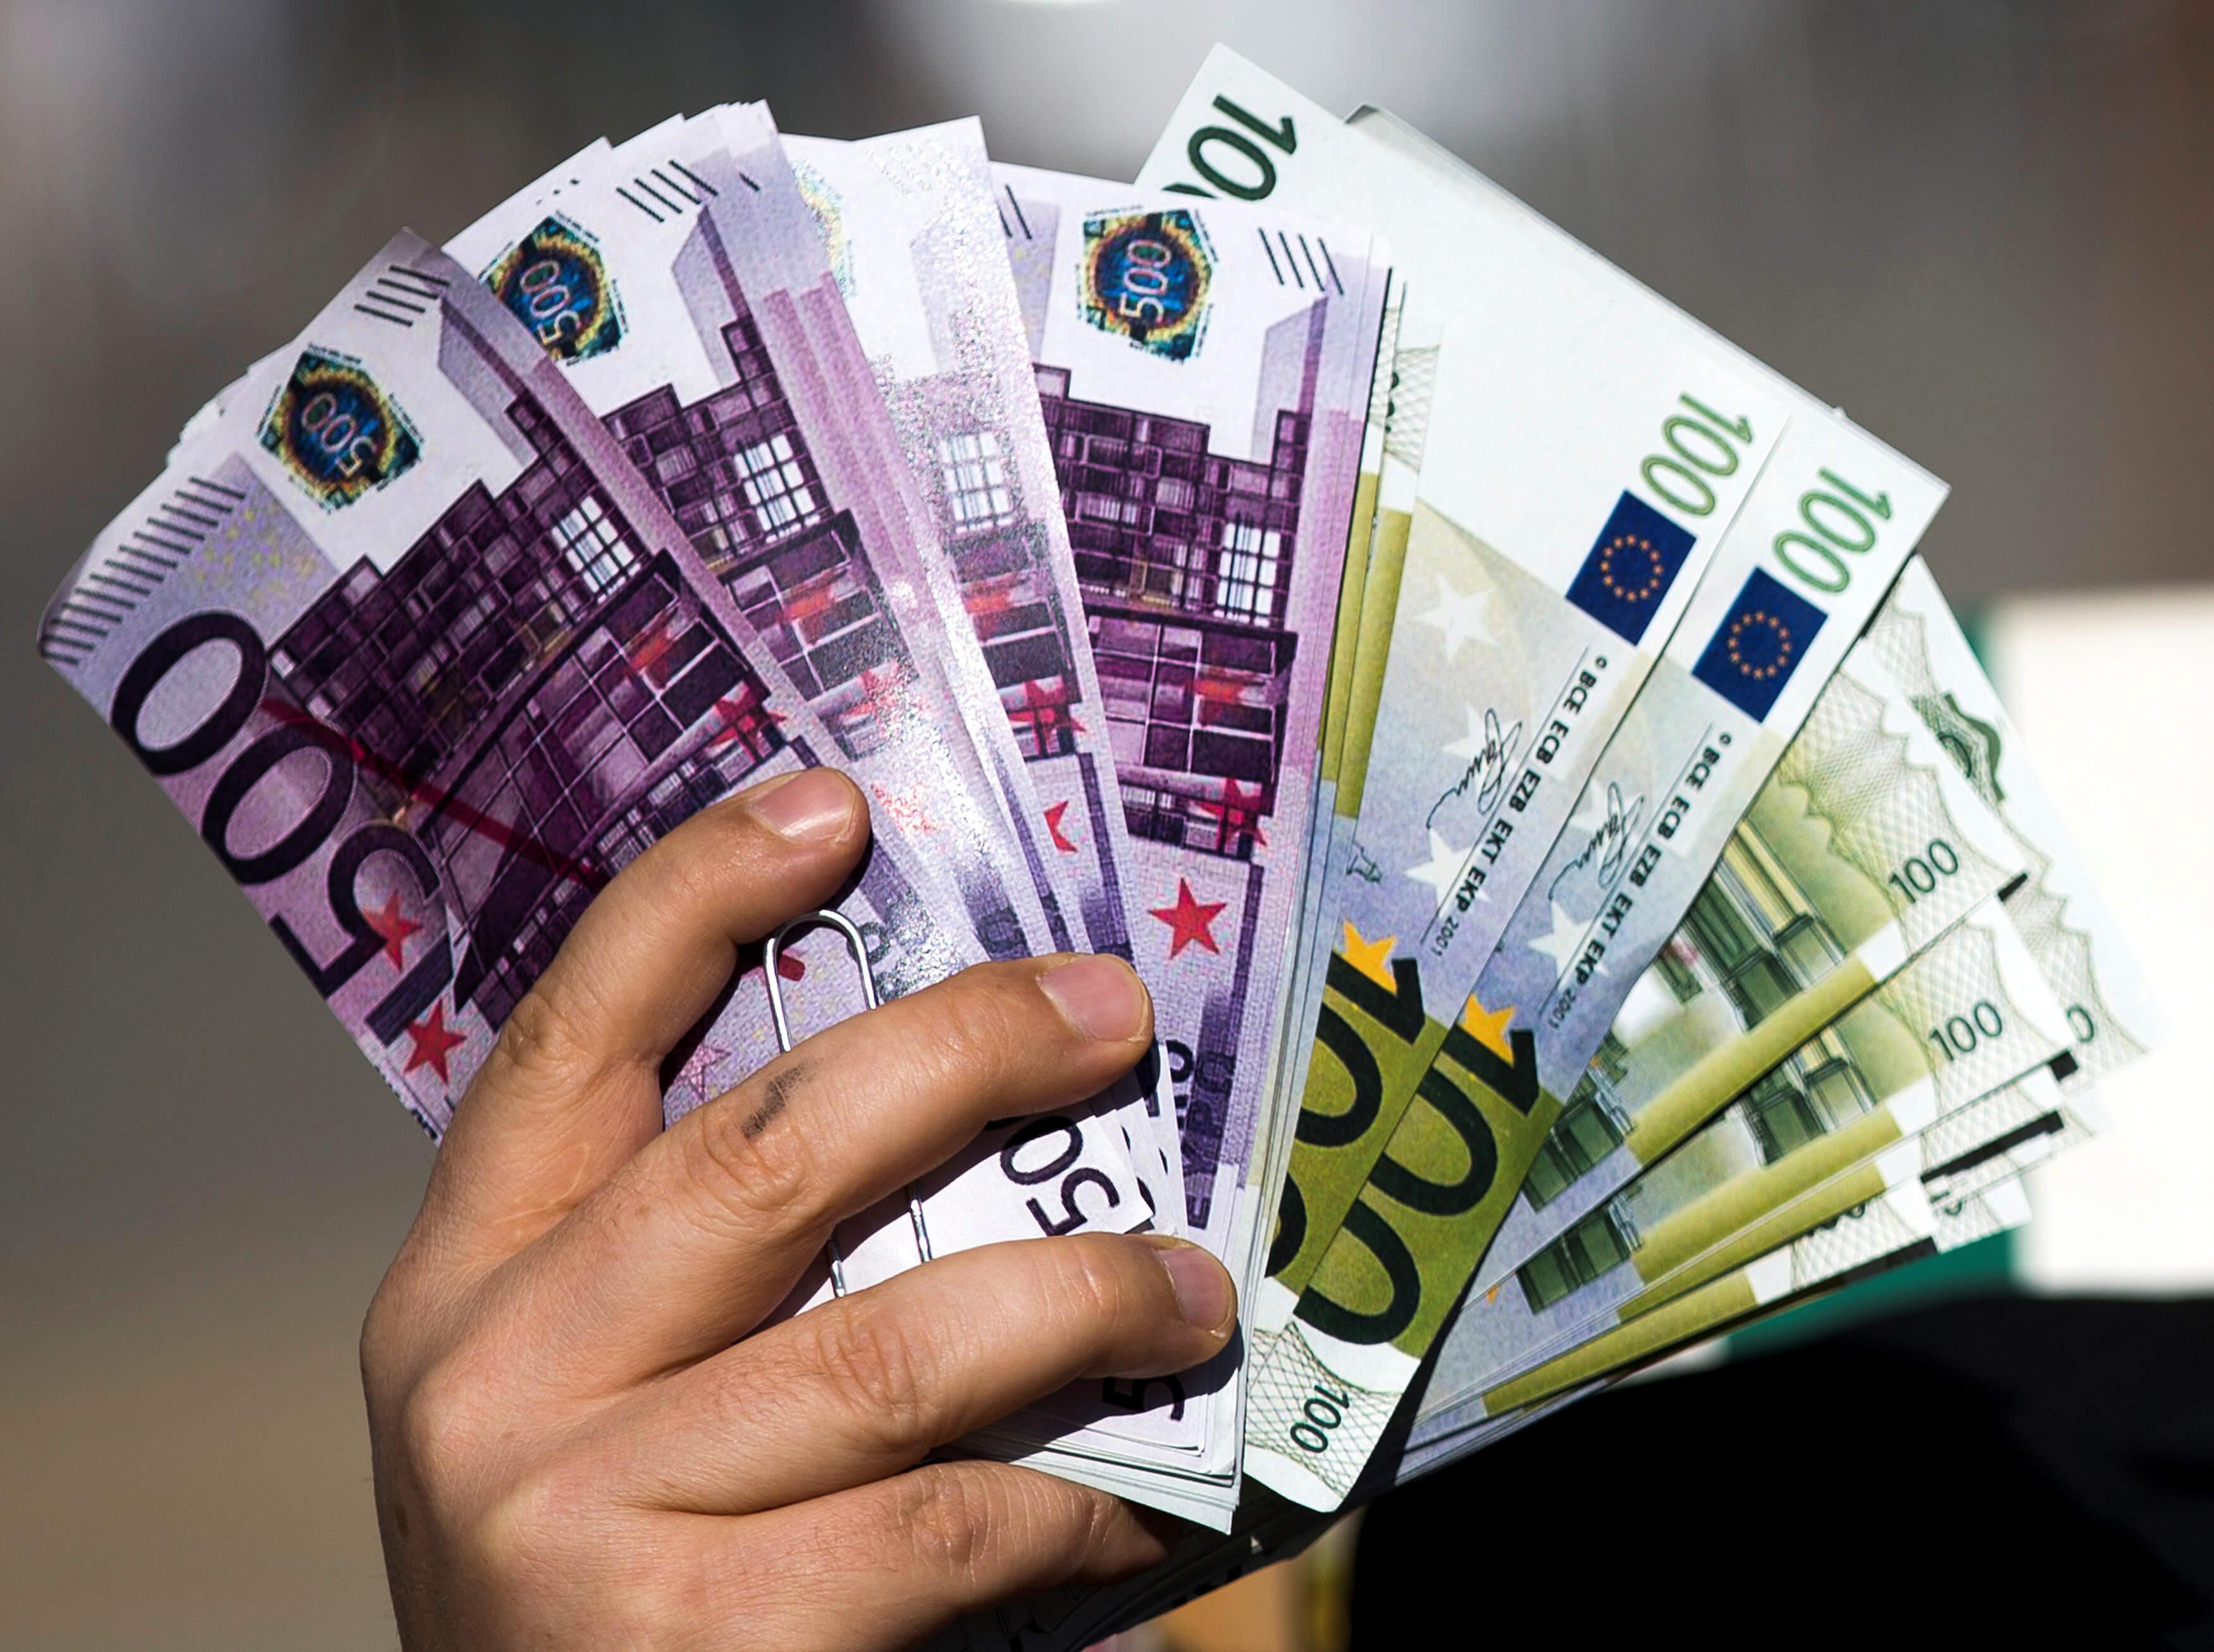 Ηράκλειο: Πόνταραν στα ζάρια πάνω από 20.000 ευρώ! Το μεγάλο παιχνίδι τελείωσε απότομα…